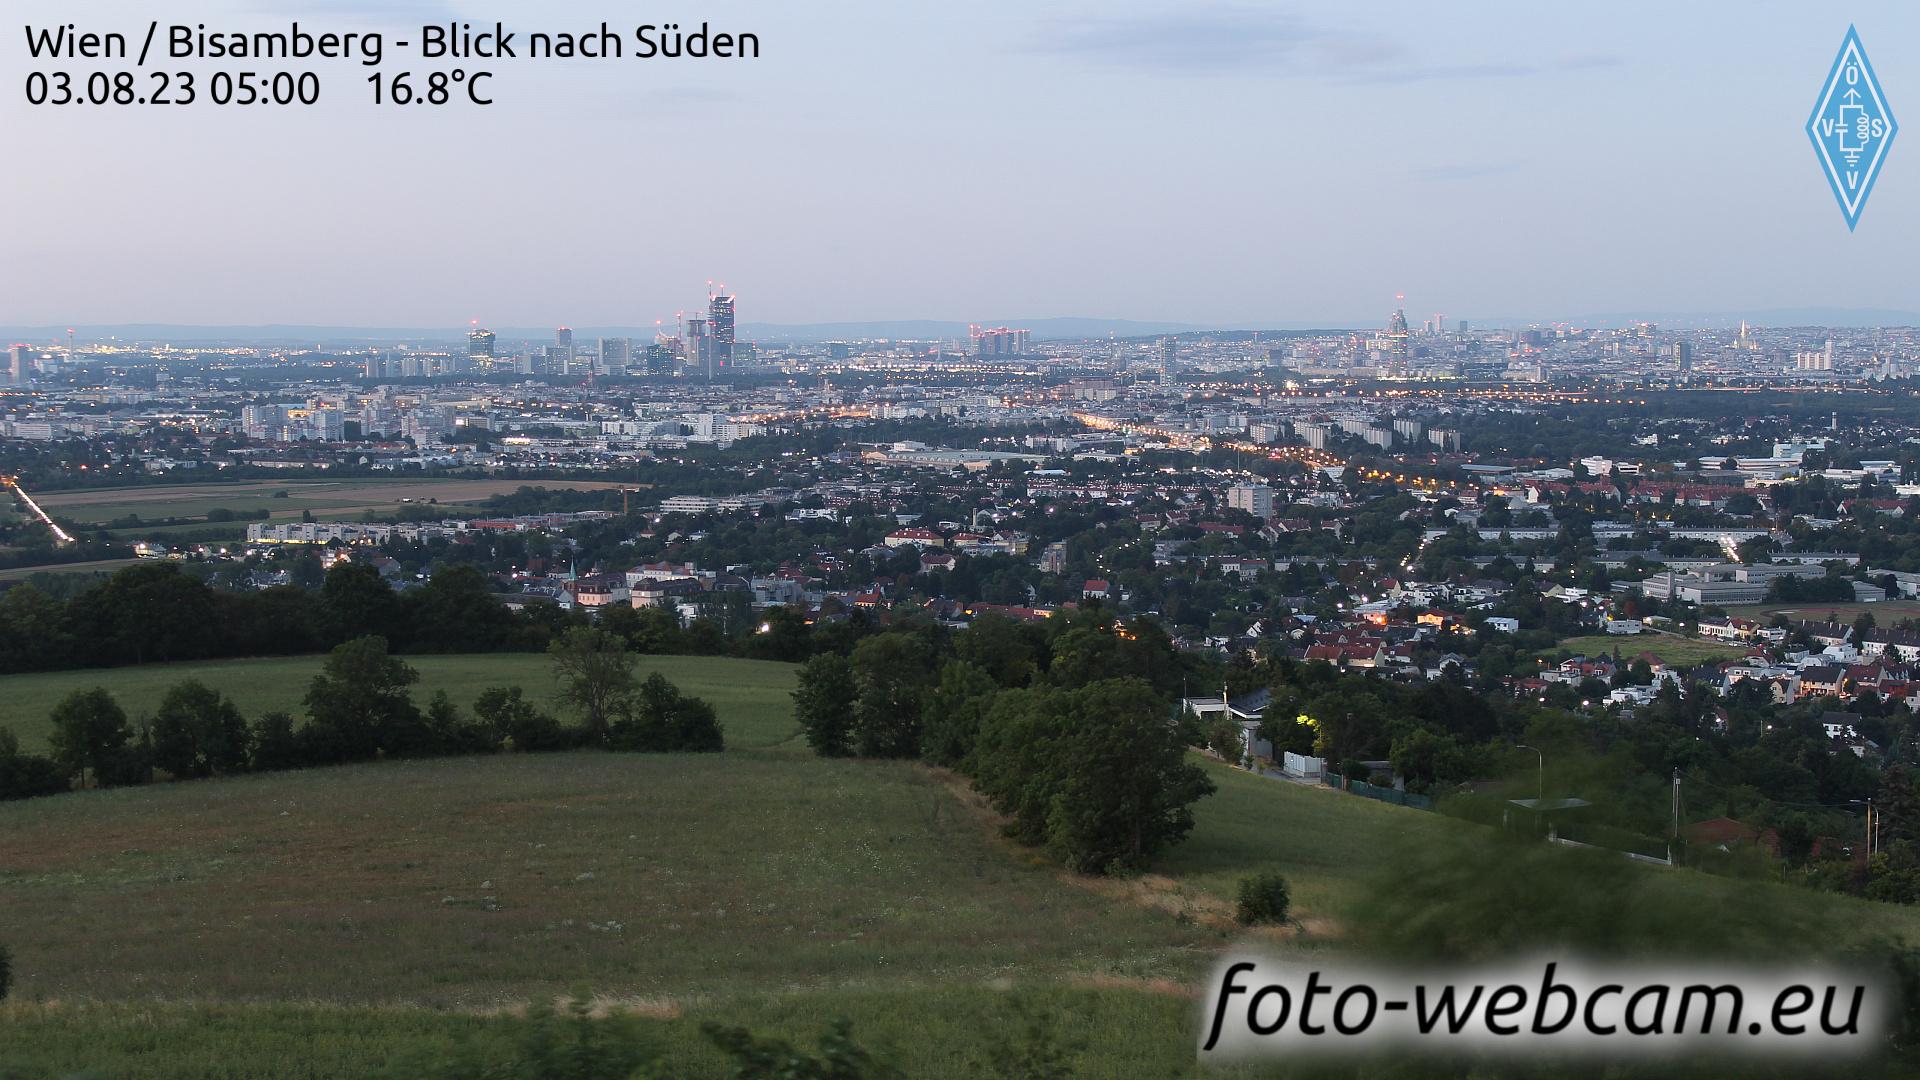 Vienna Sat. 05:14